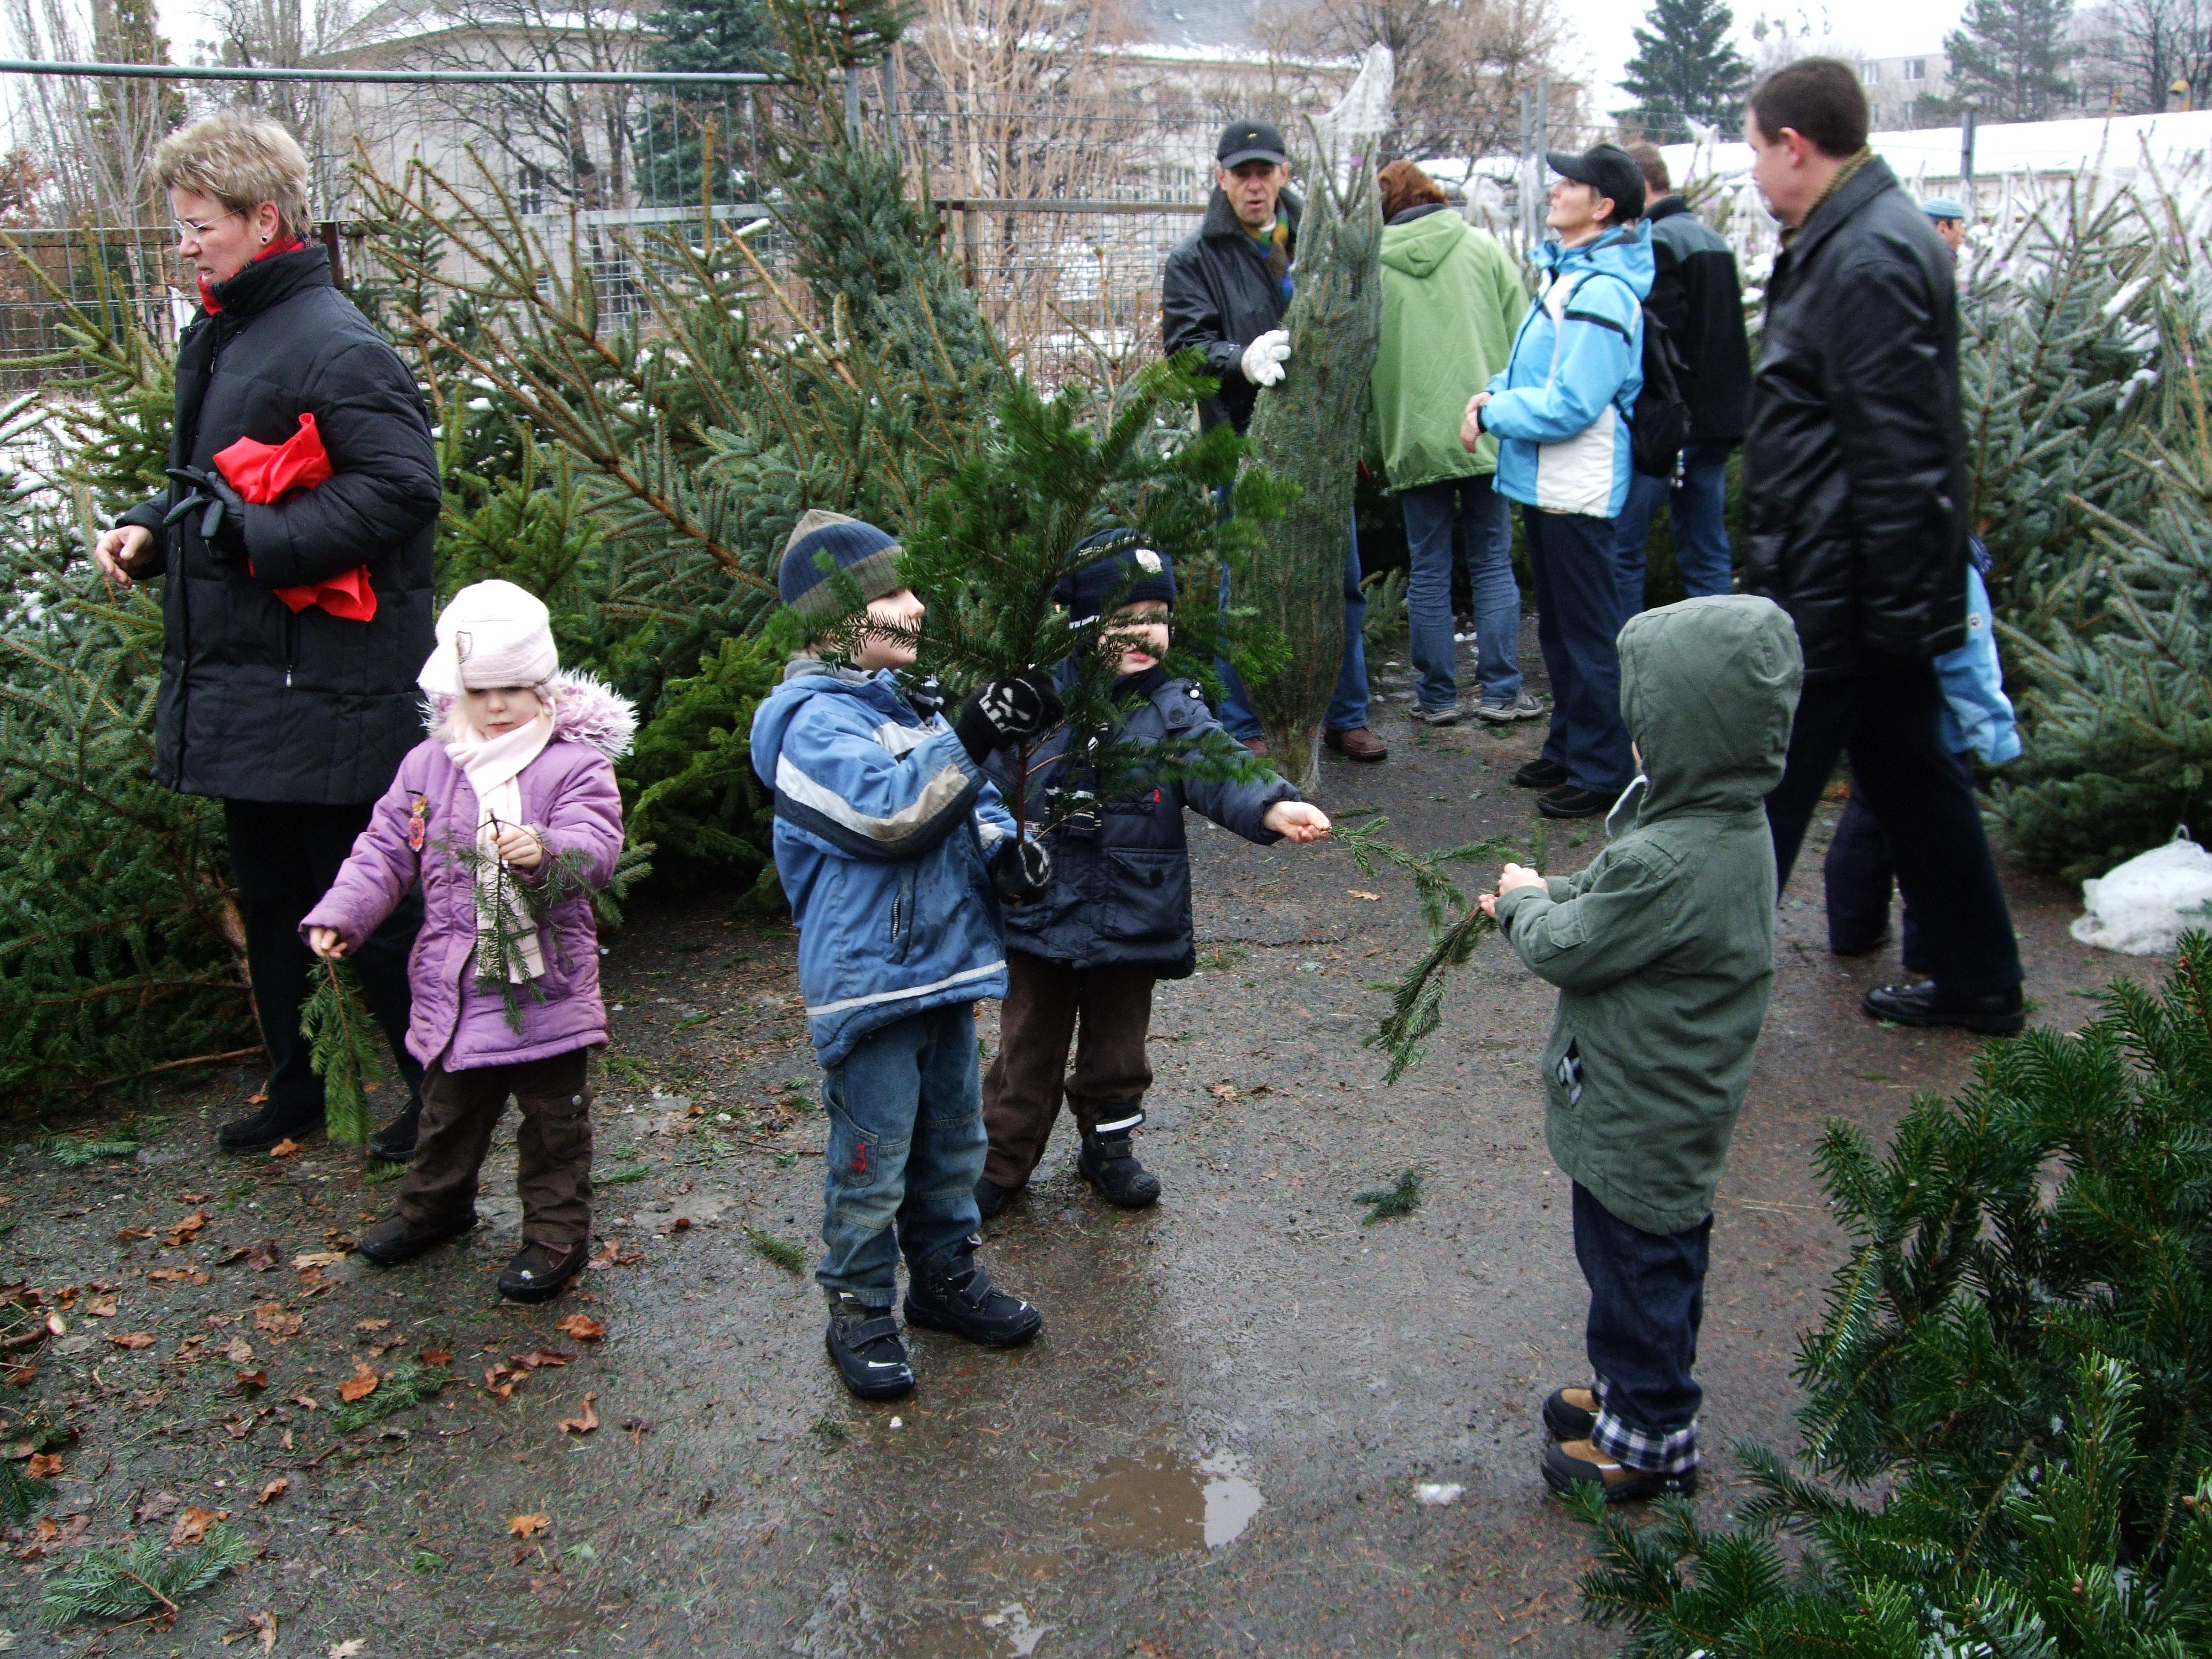 Weihnachtsbaum Kaufen Chemnitz.Weihnachtsbäume Gärtnerei Süß